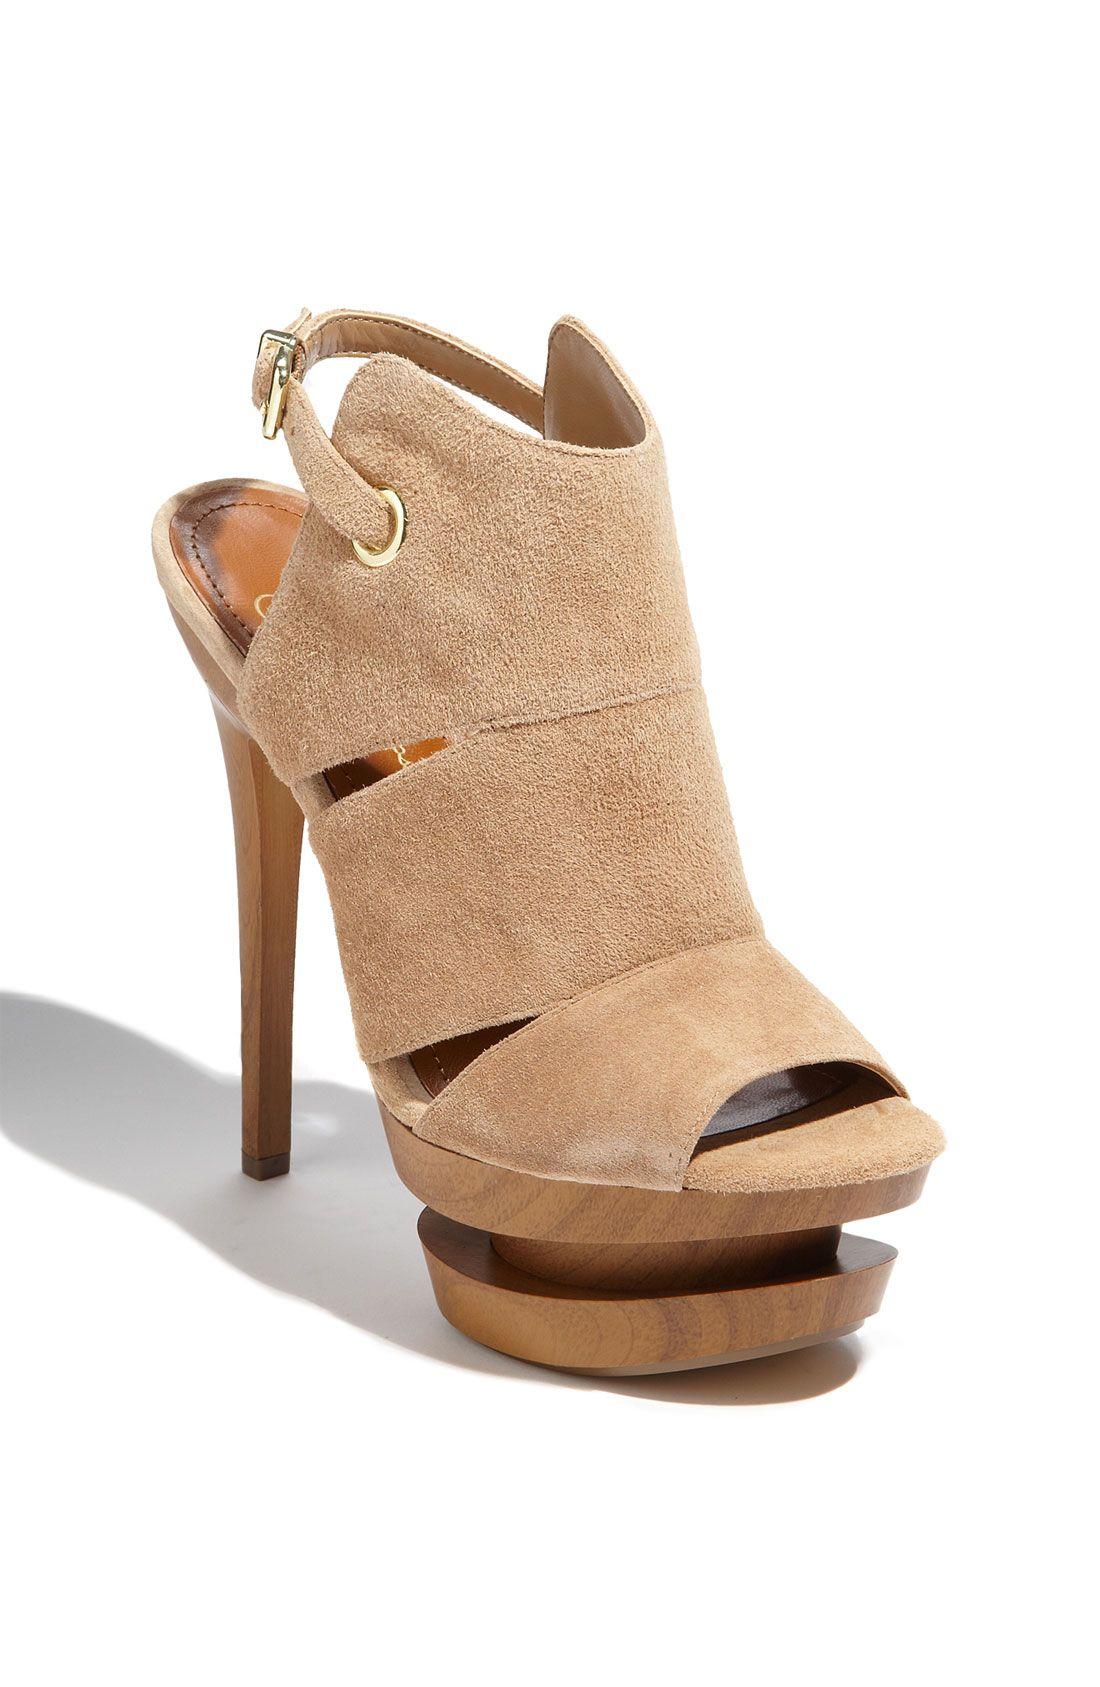 42c12310628e Jessica Simpson Cat Sandal in Beige (camel)